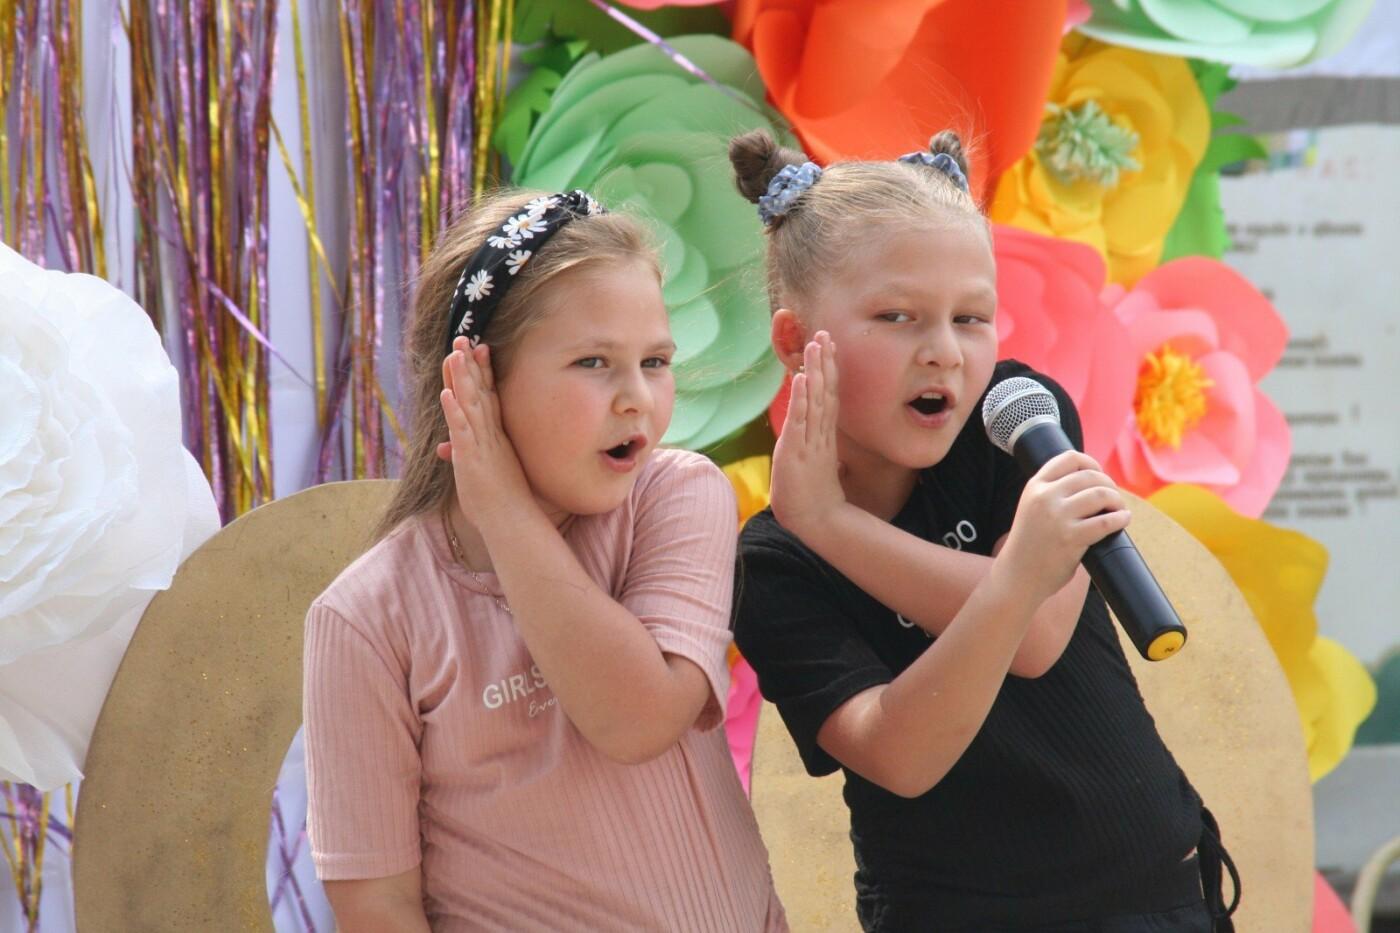 Одесскому зоопарку исполнилось 99 лет, как отмечали это событие горожане, - ФОТОРЕПОРТАЖ , фото-1